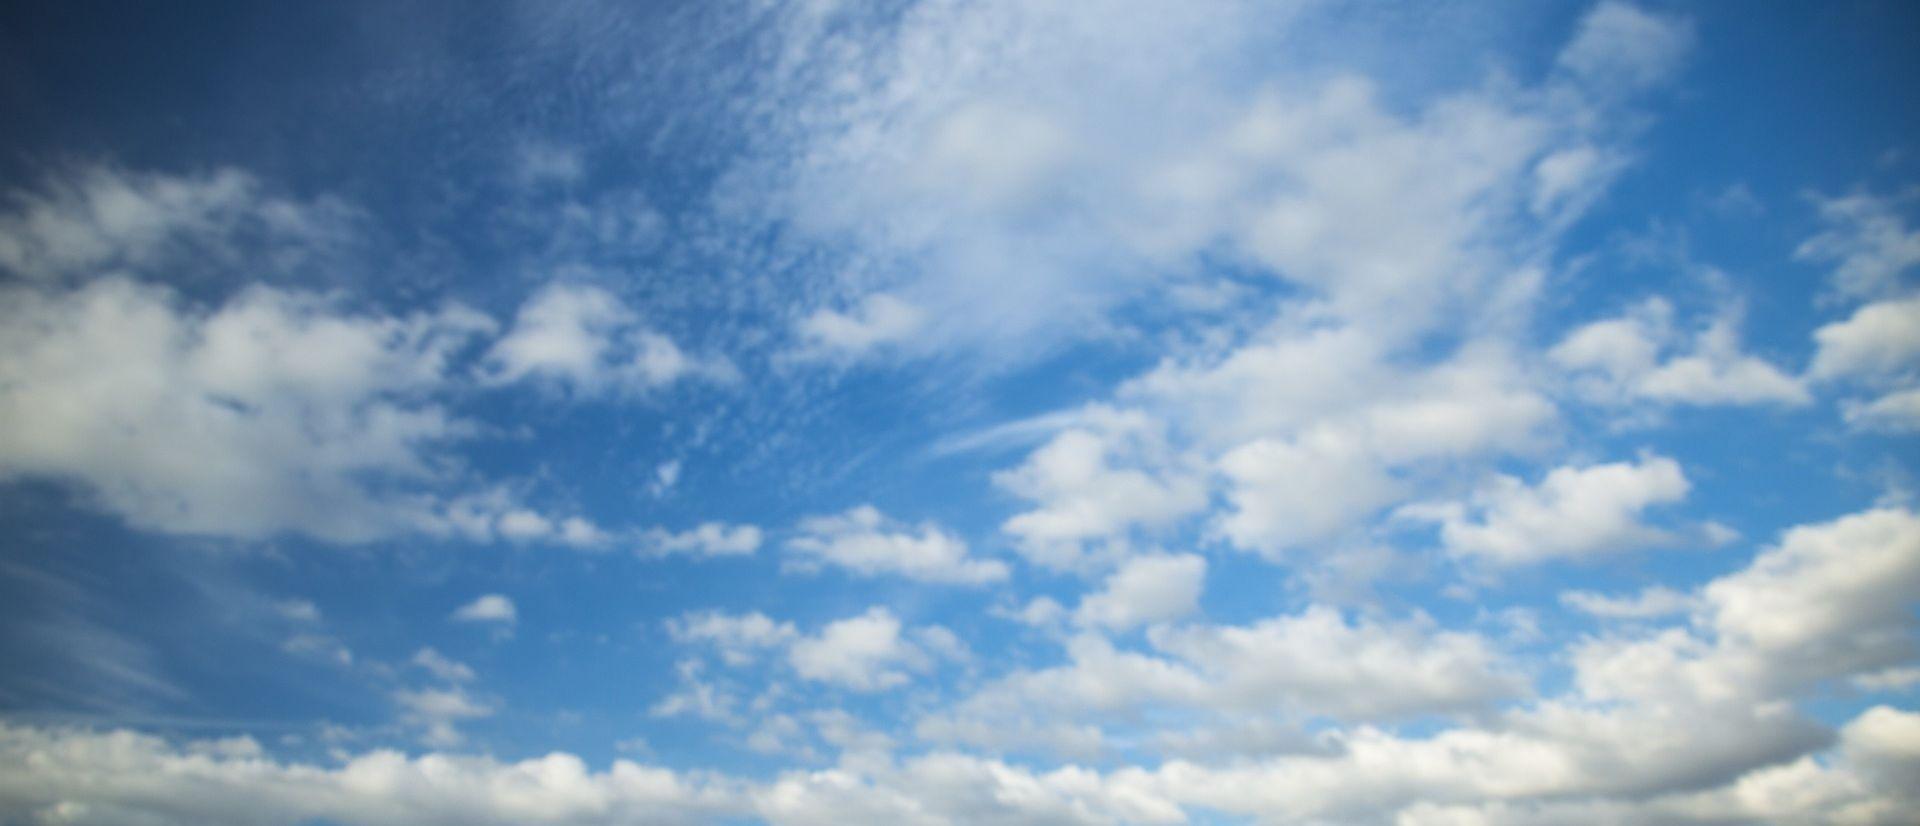 ŽUTA UPOZORENJA ZBOG NISKIH TEMPERATURA Djelomično sunčano, moguće slabe oborine na Jadranu